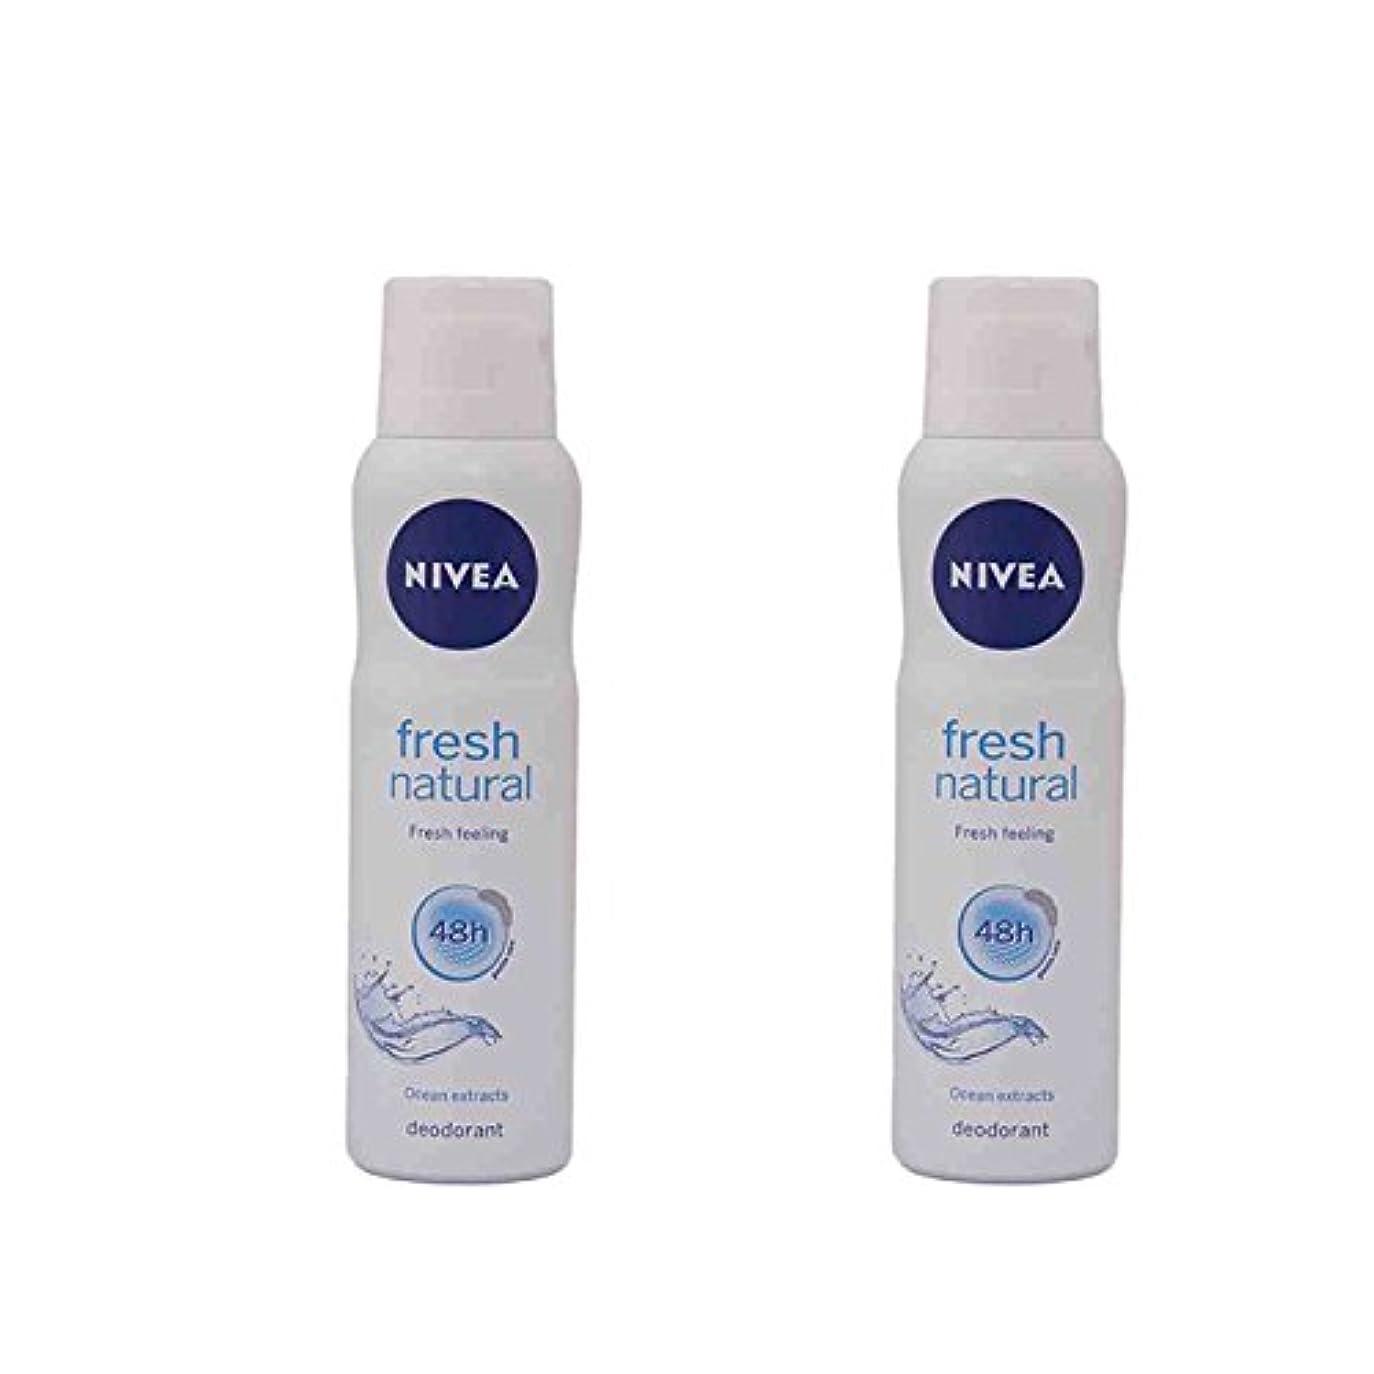 脚本家民間舌2 Lots X Nivea For Women Fresh Natural Deodorant, 150ml - 並行輸入品 - 2ロットXニベア女性用フレッシュナチュラルデオドラント、150ml